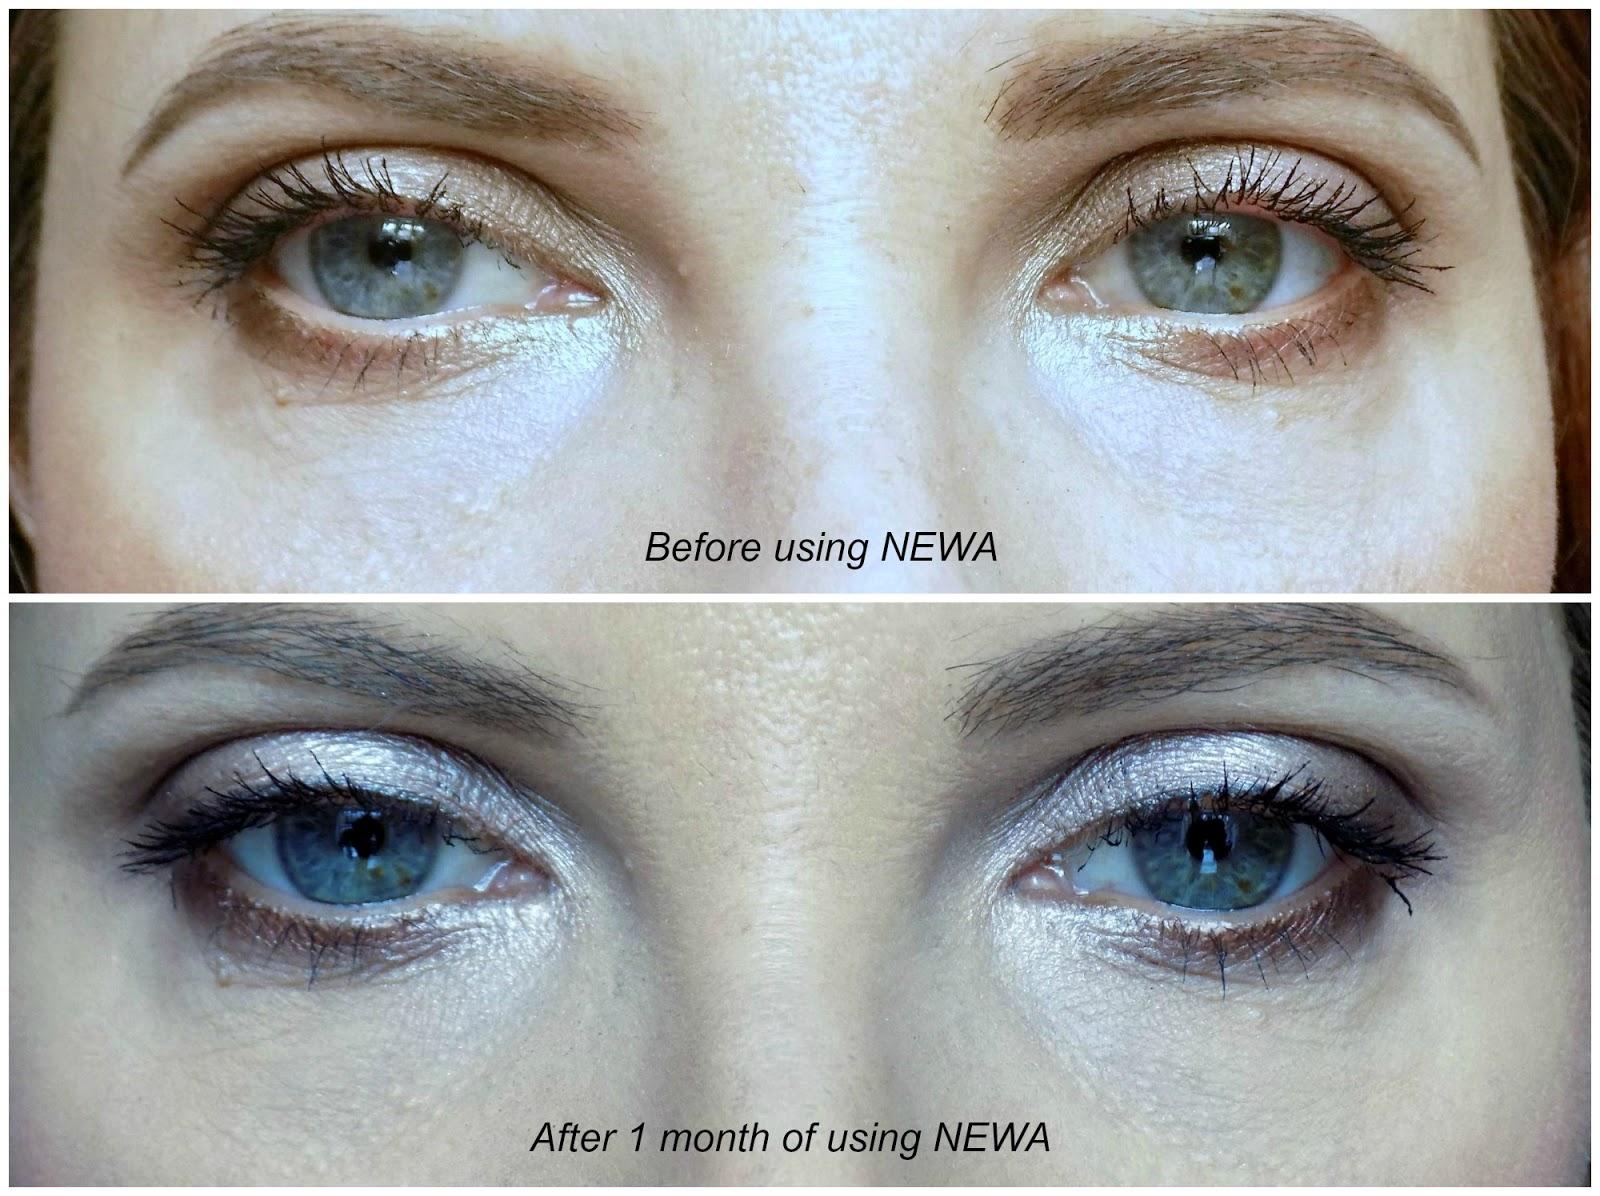 HoMedics NEWA - Skin Rejuvenation Treatment